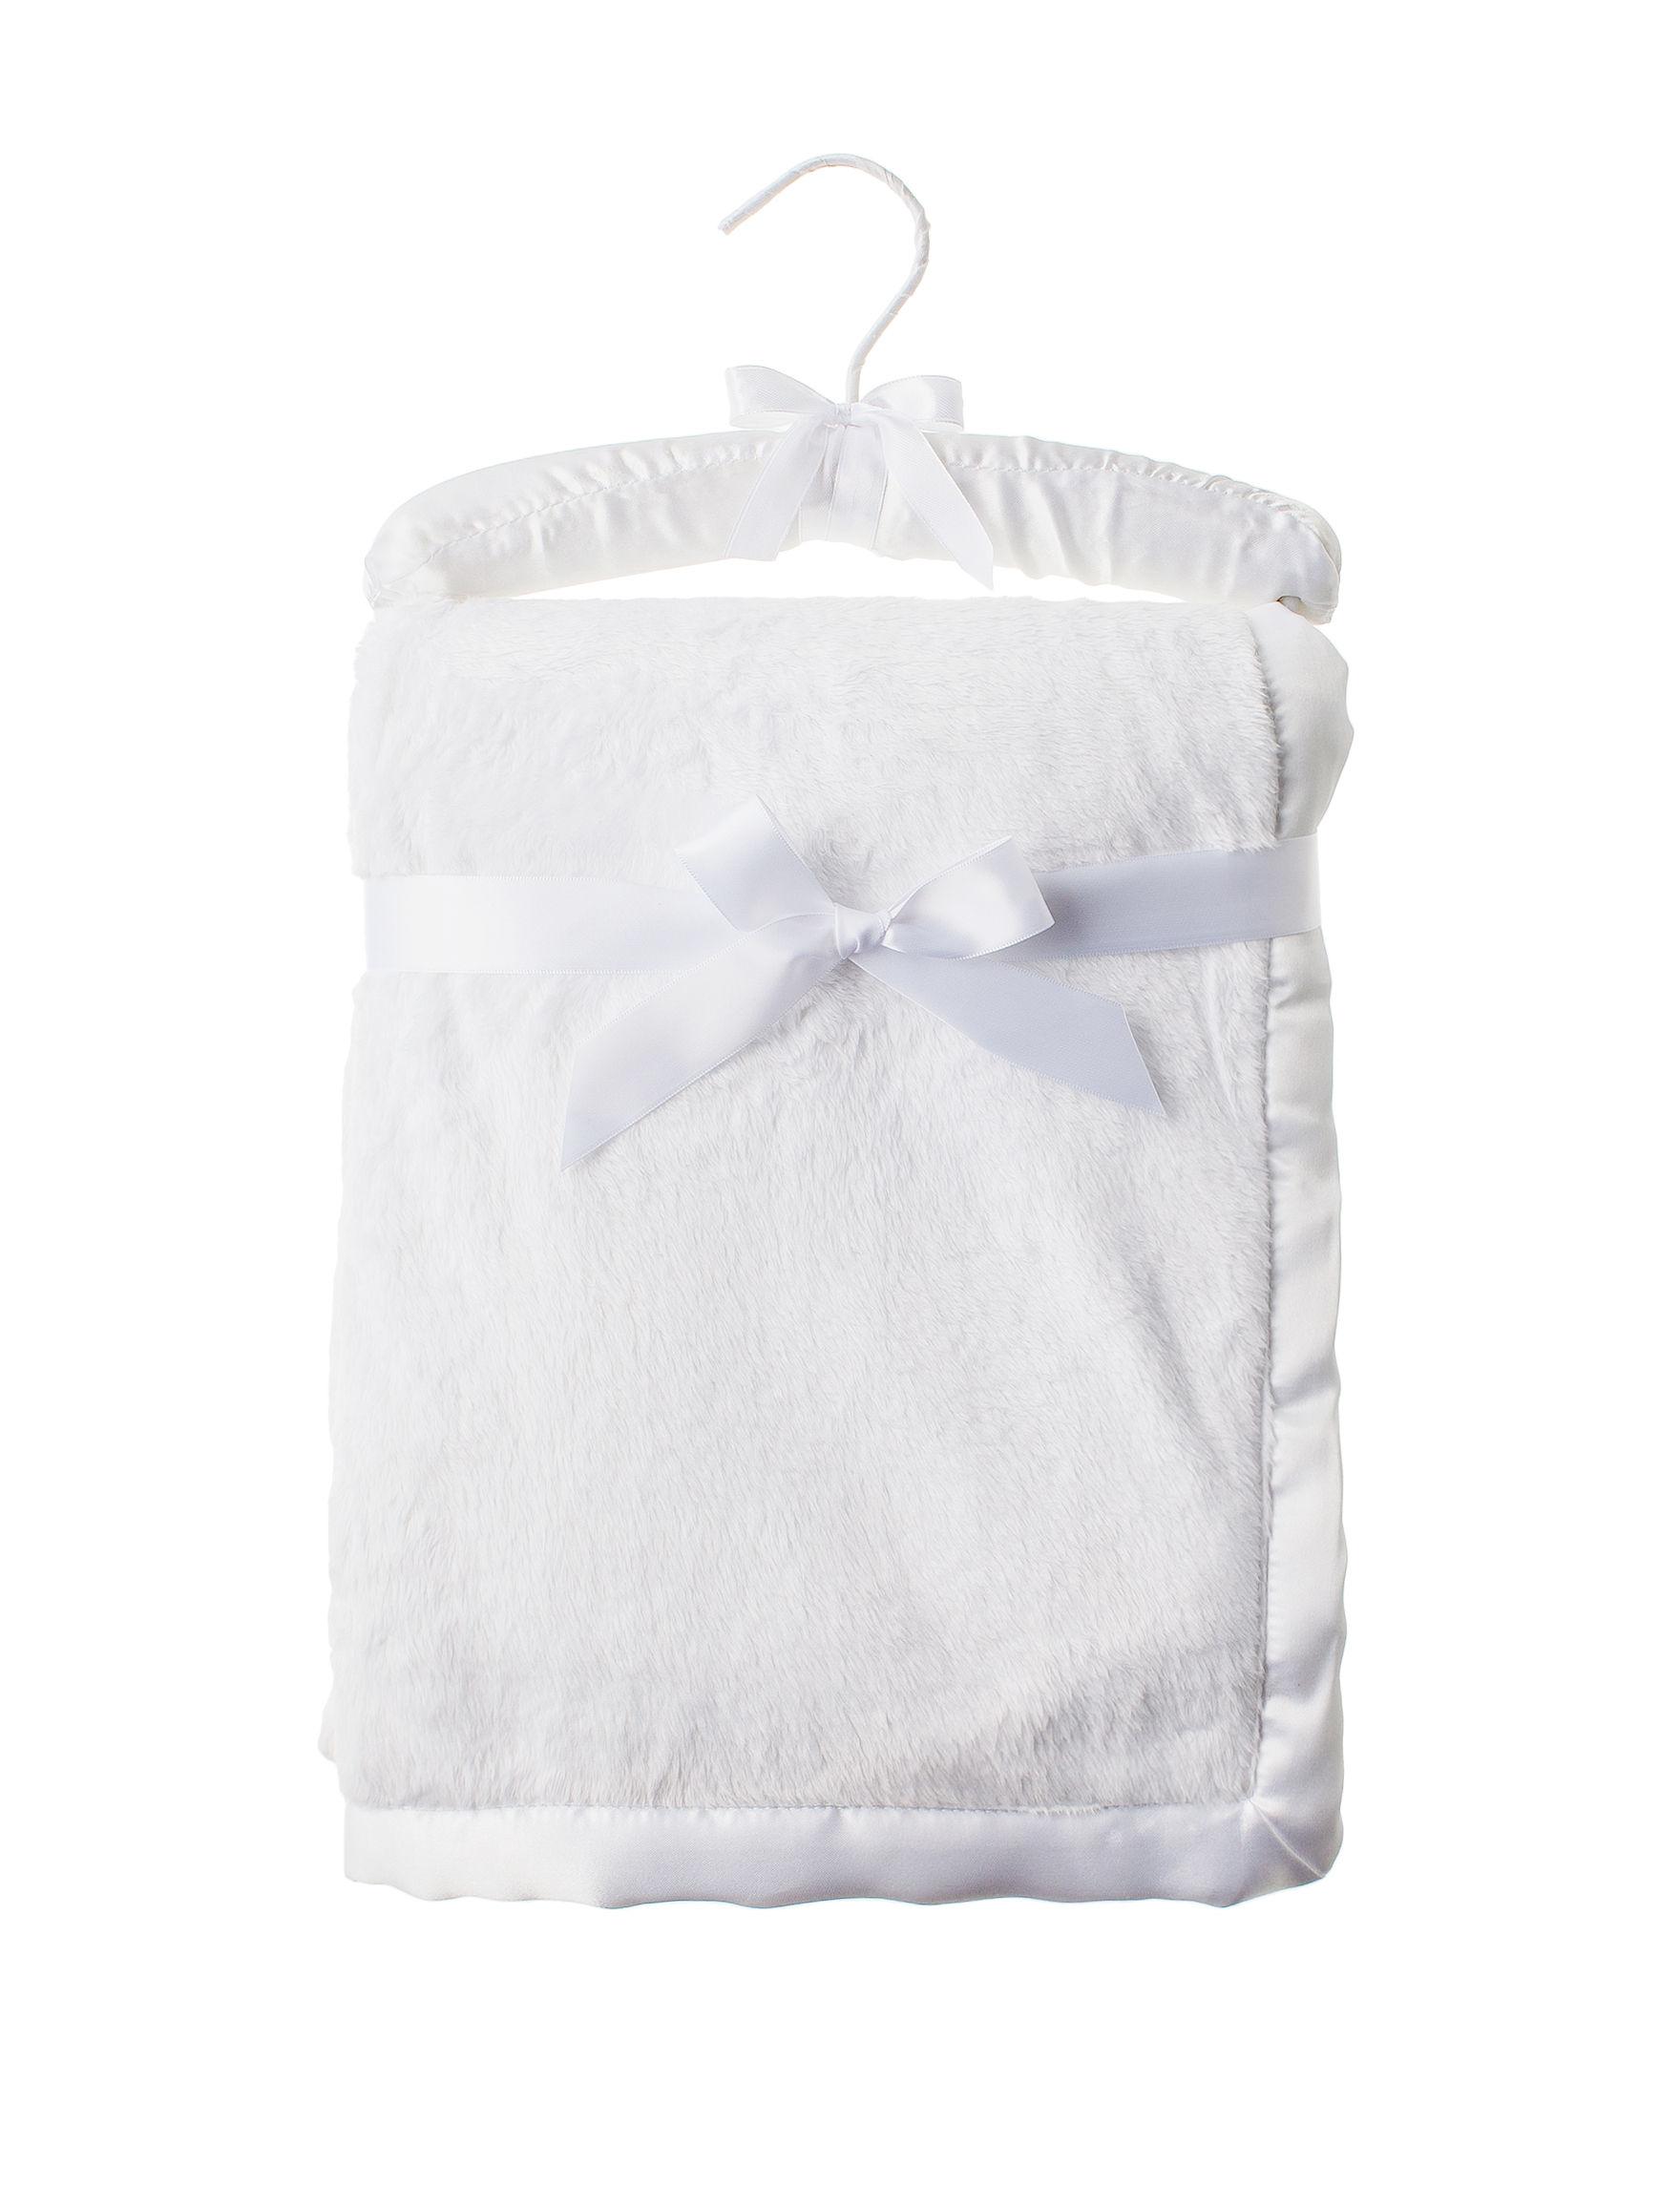 Baby Essentials Cream